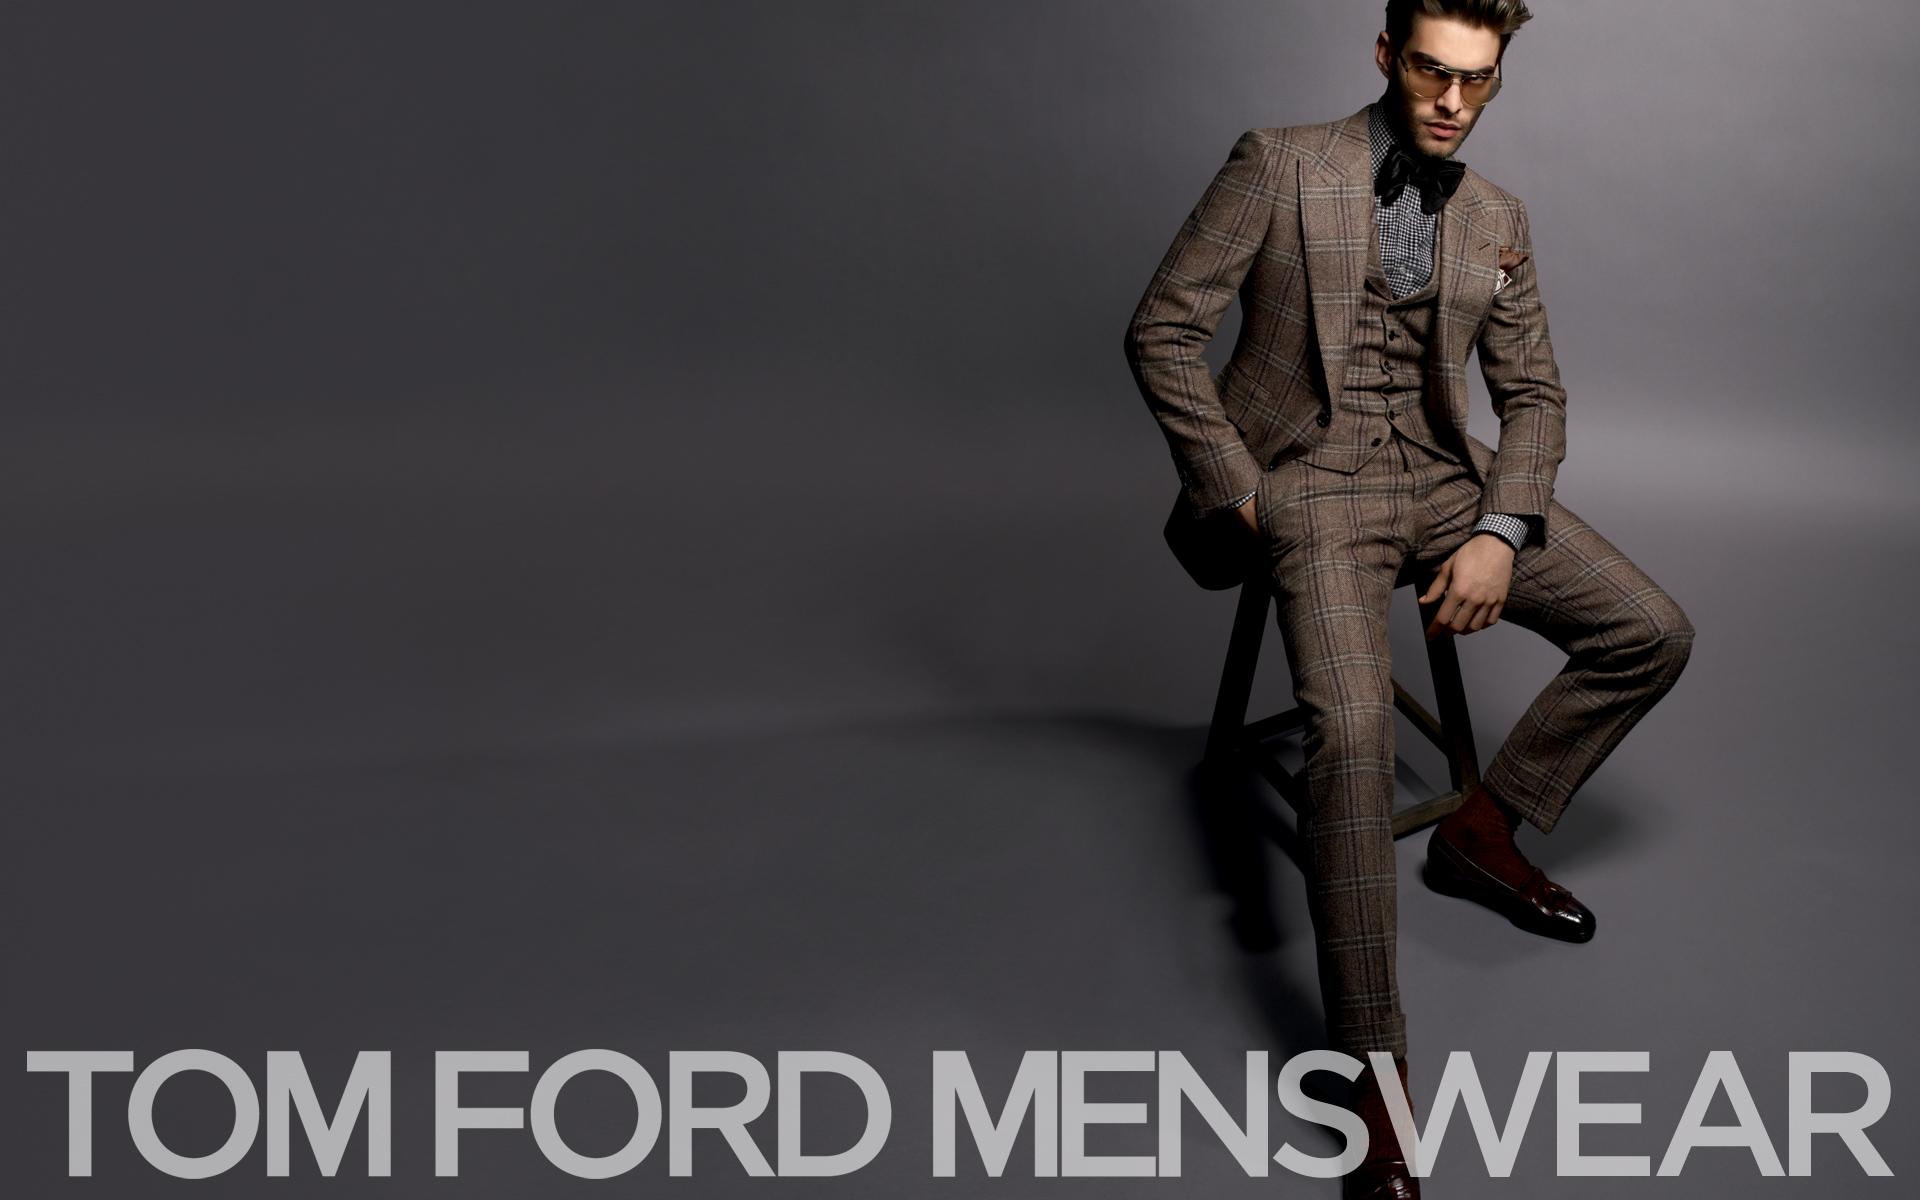 Tom Ford fall/winter 2010 lookbook